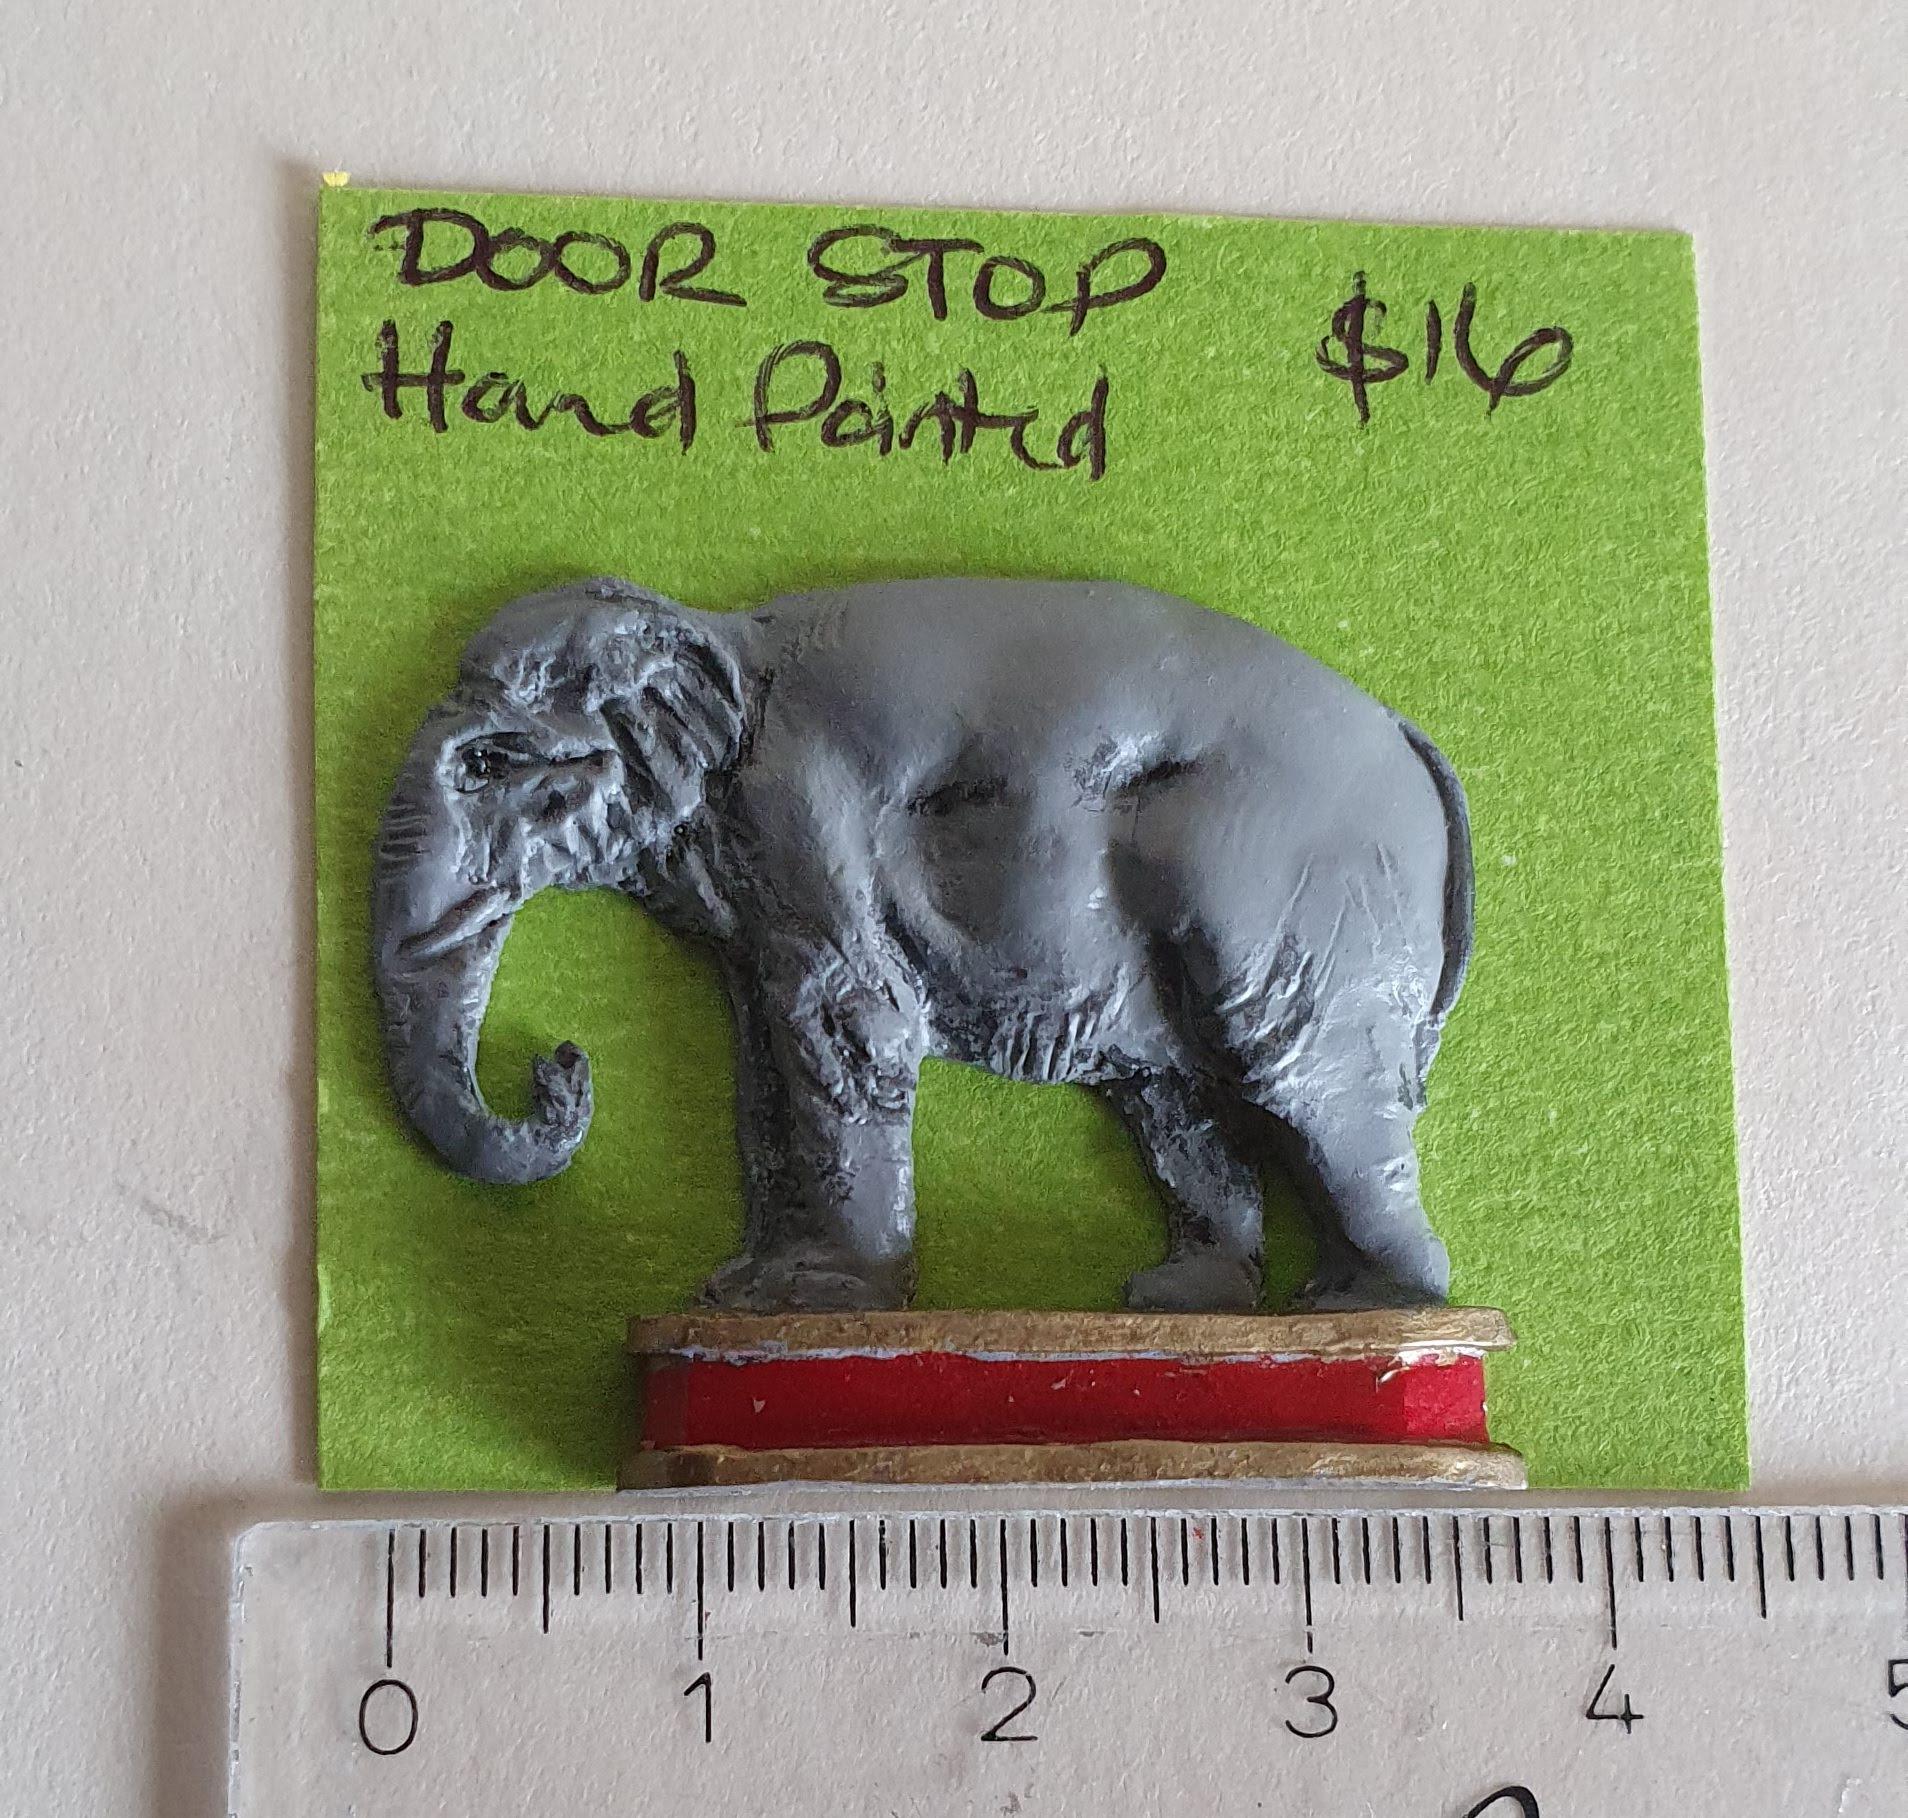 Elephant Door Stop, $16